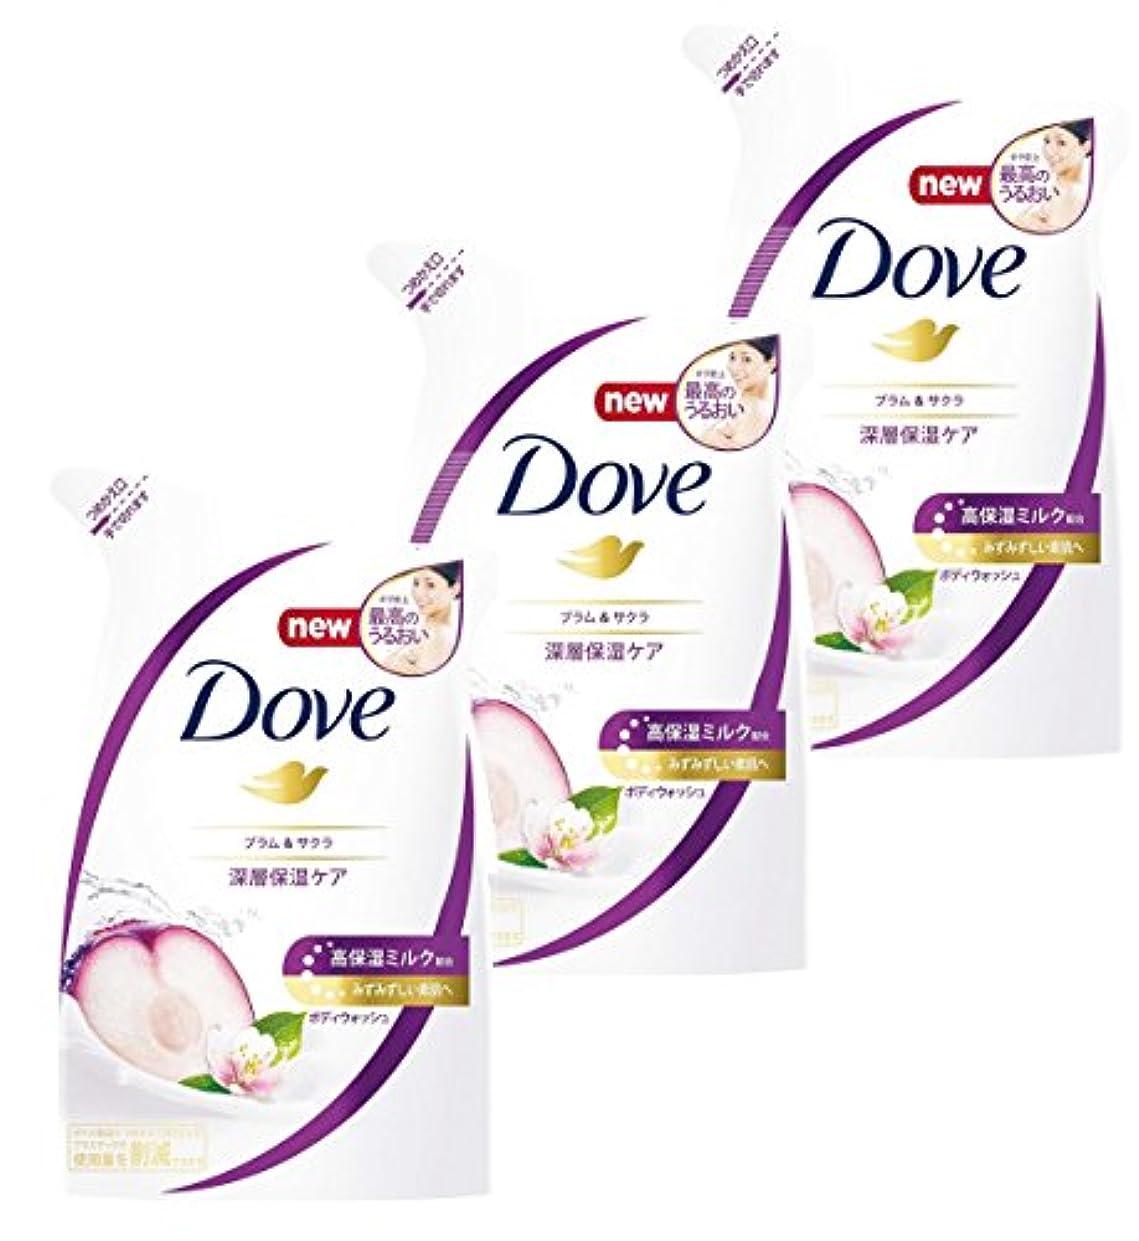 服を着る欠乏イヤホン【まとめ買い】Dove(ダヴ) ボディウォッシュ プラム & サクラ つめかえ用 360g×3個